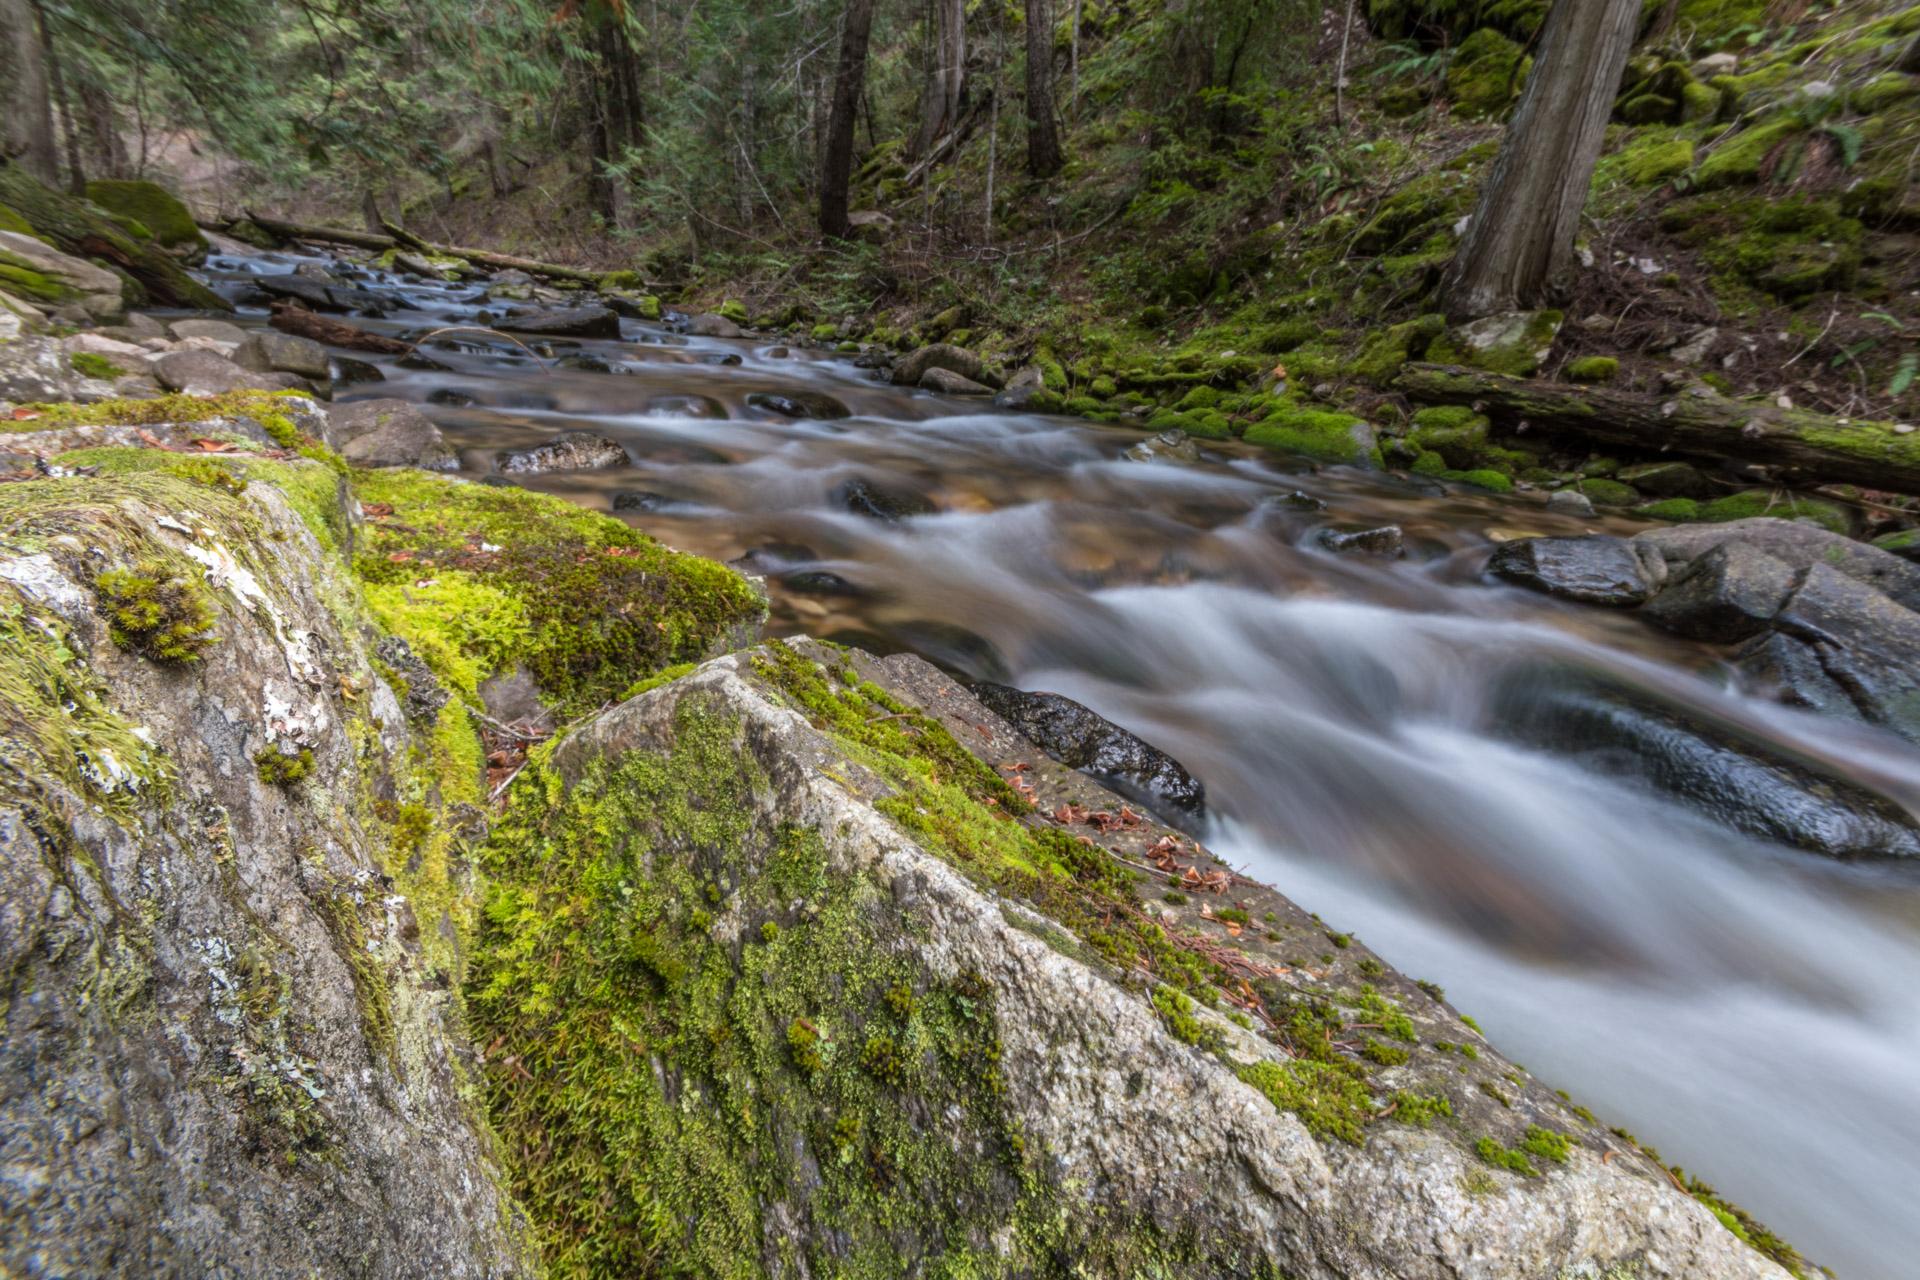 Weir Creek cascades under the cedars and firs